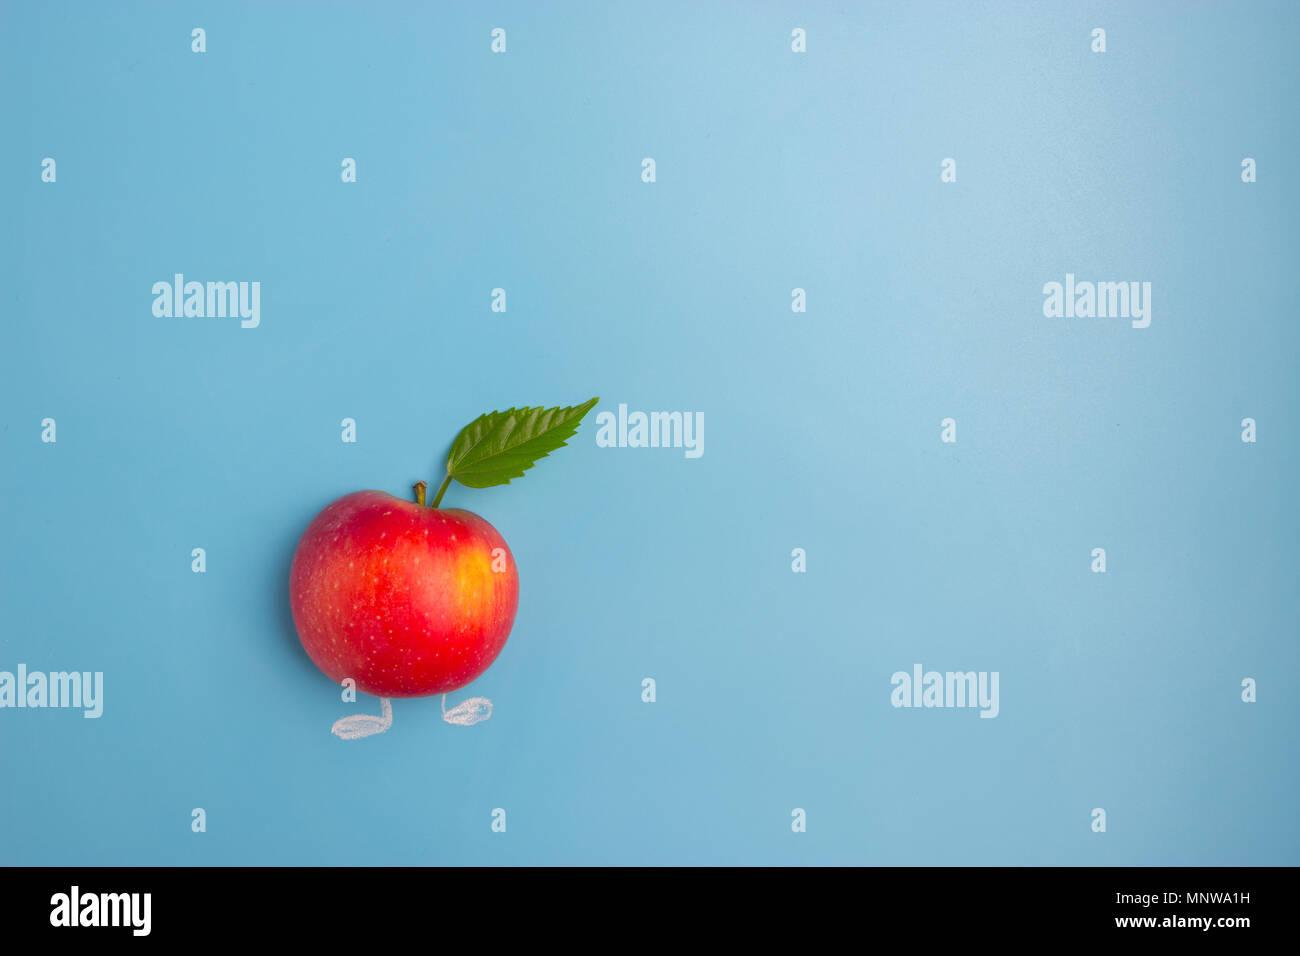 Rosso Fresco Apple Con Foglia Verde Su Sfondo Blu Foto Immagine